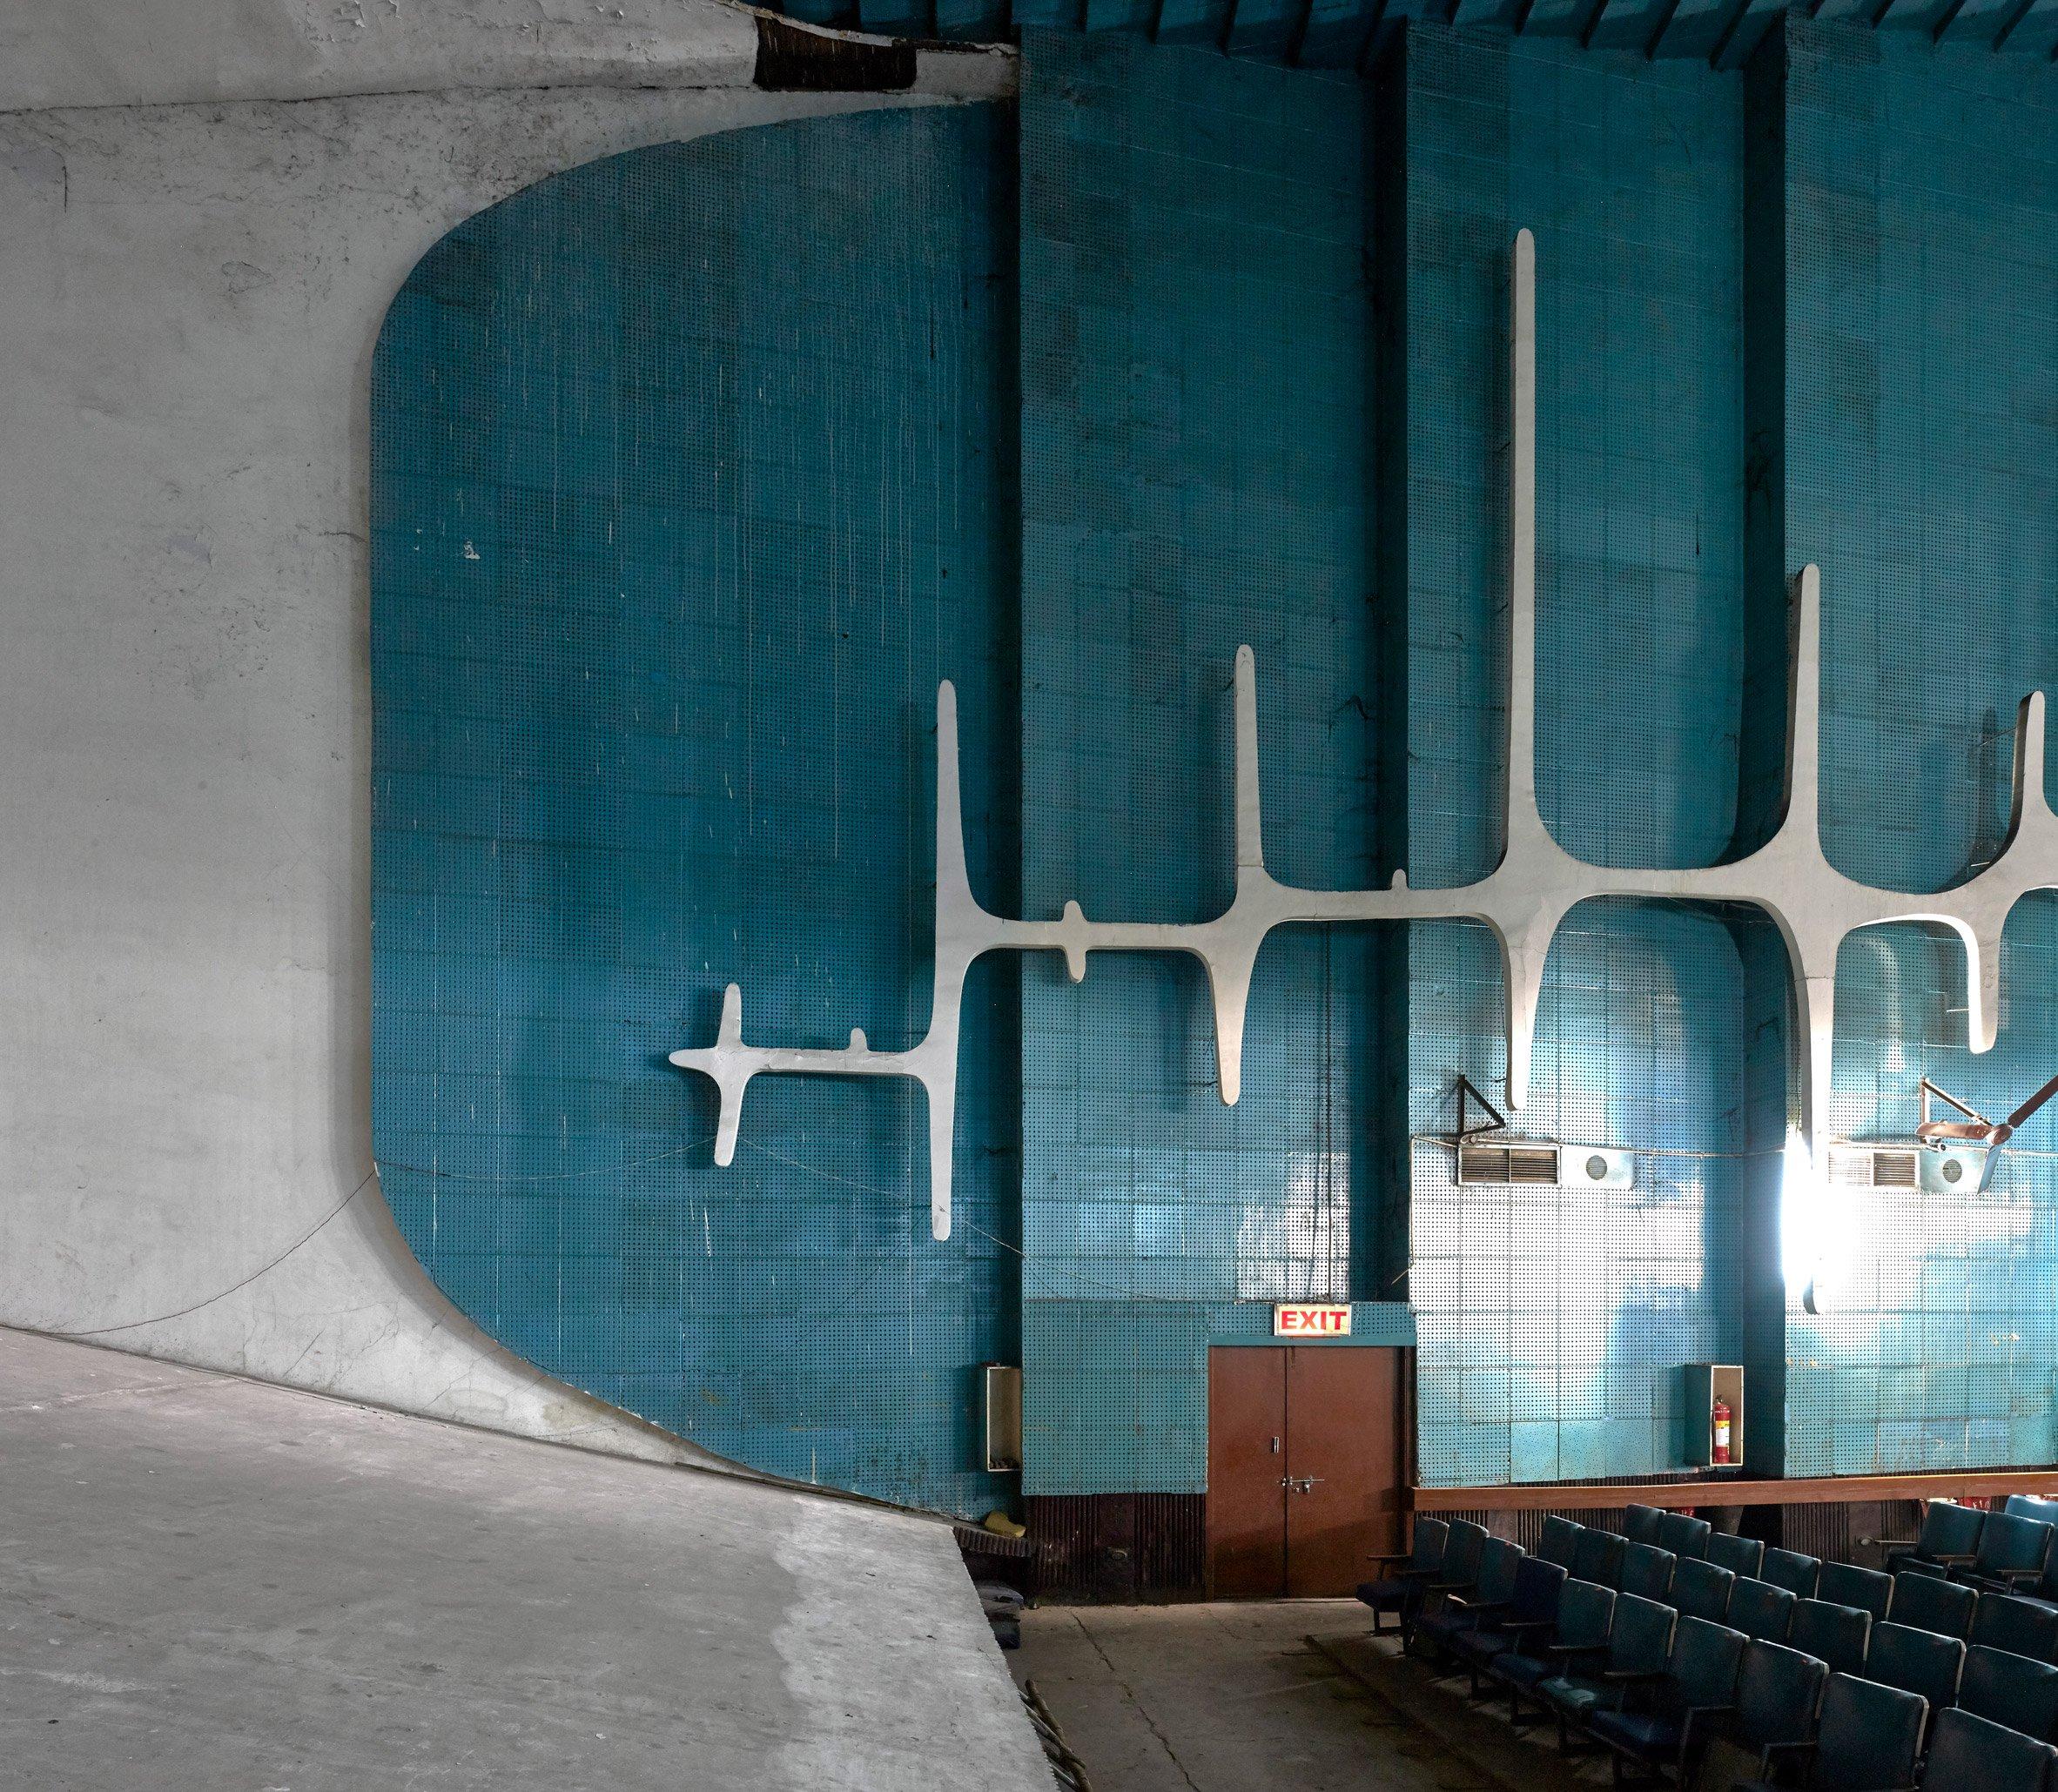 neelam-theatre-aditya-prakash-architecture-photography-edmund-sumner-chandigarh-india-_dezeen_2364_col_11.jpg